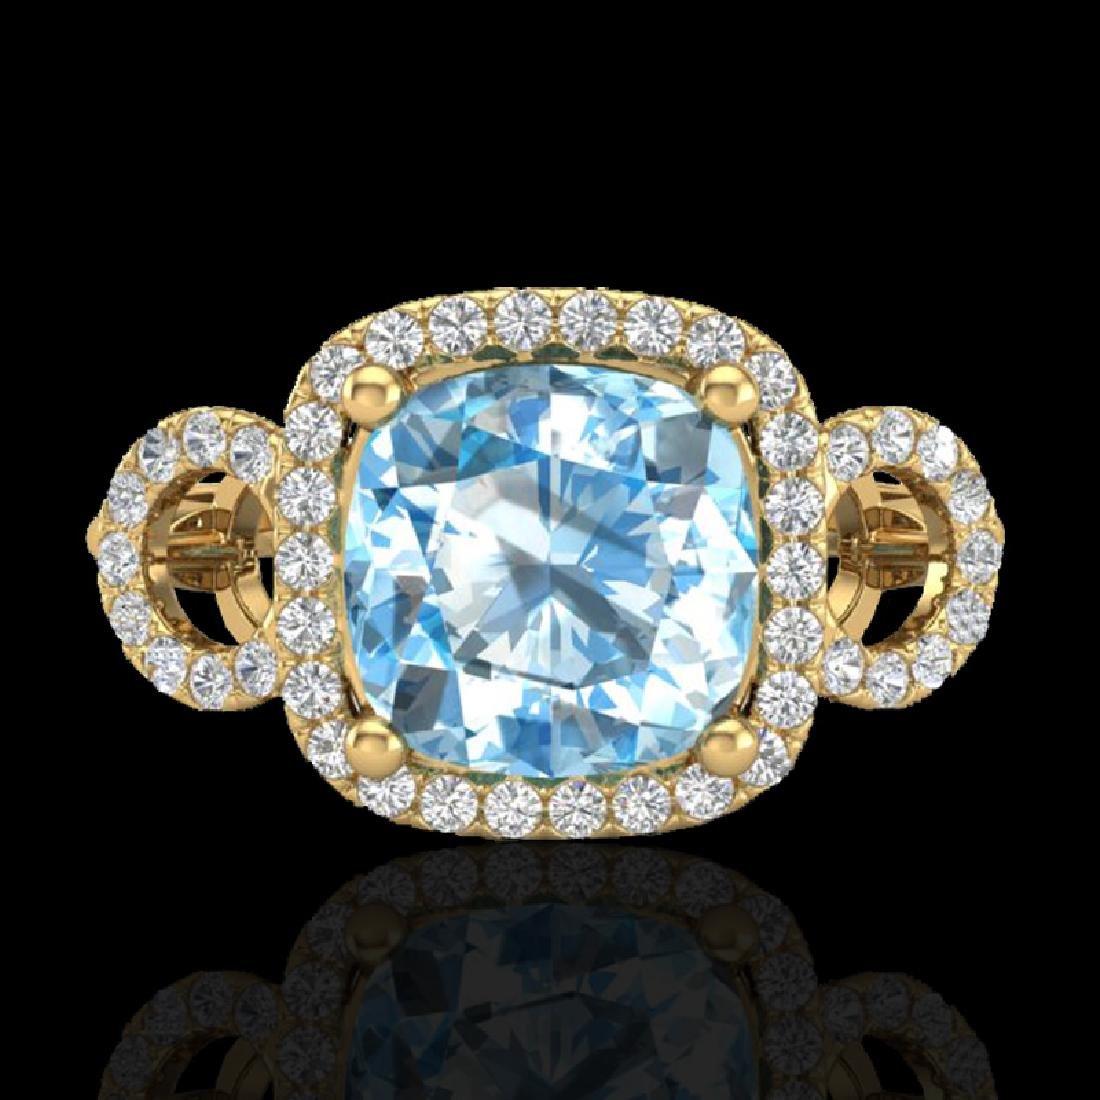 3.75 CTW Topaz & Micro VS/SI Diamond Certified Ring 18K